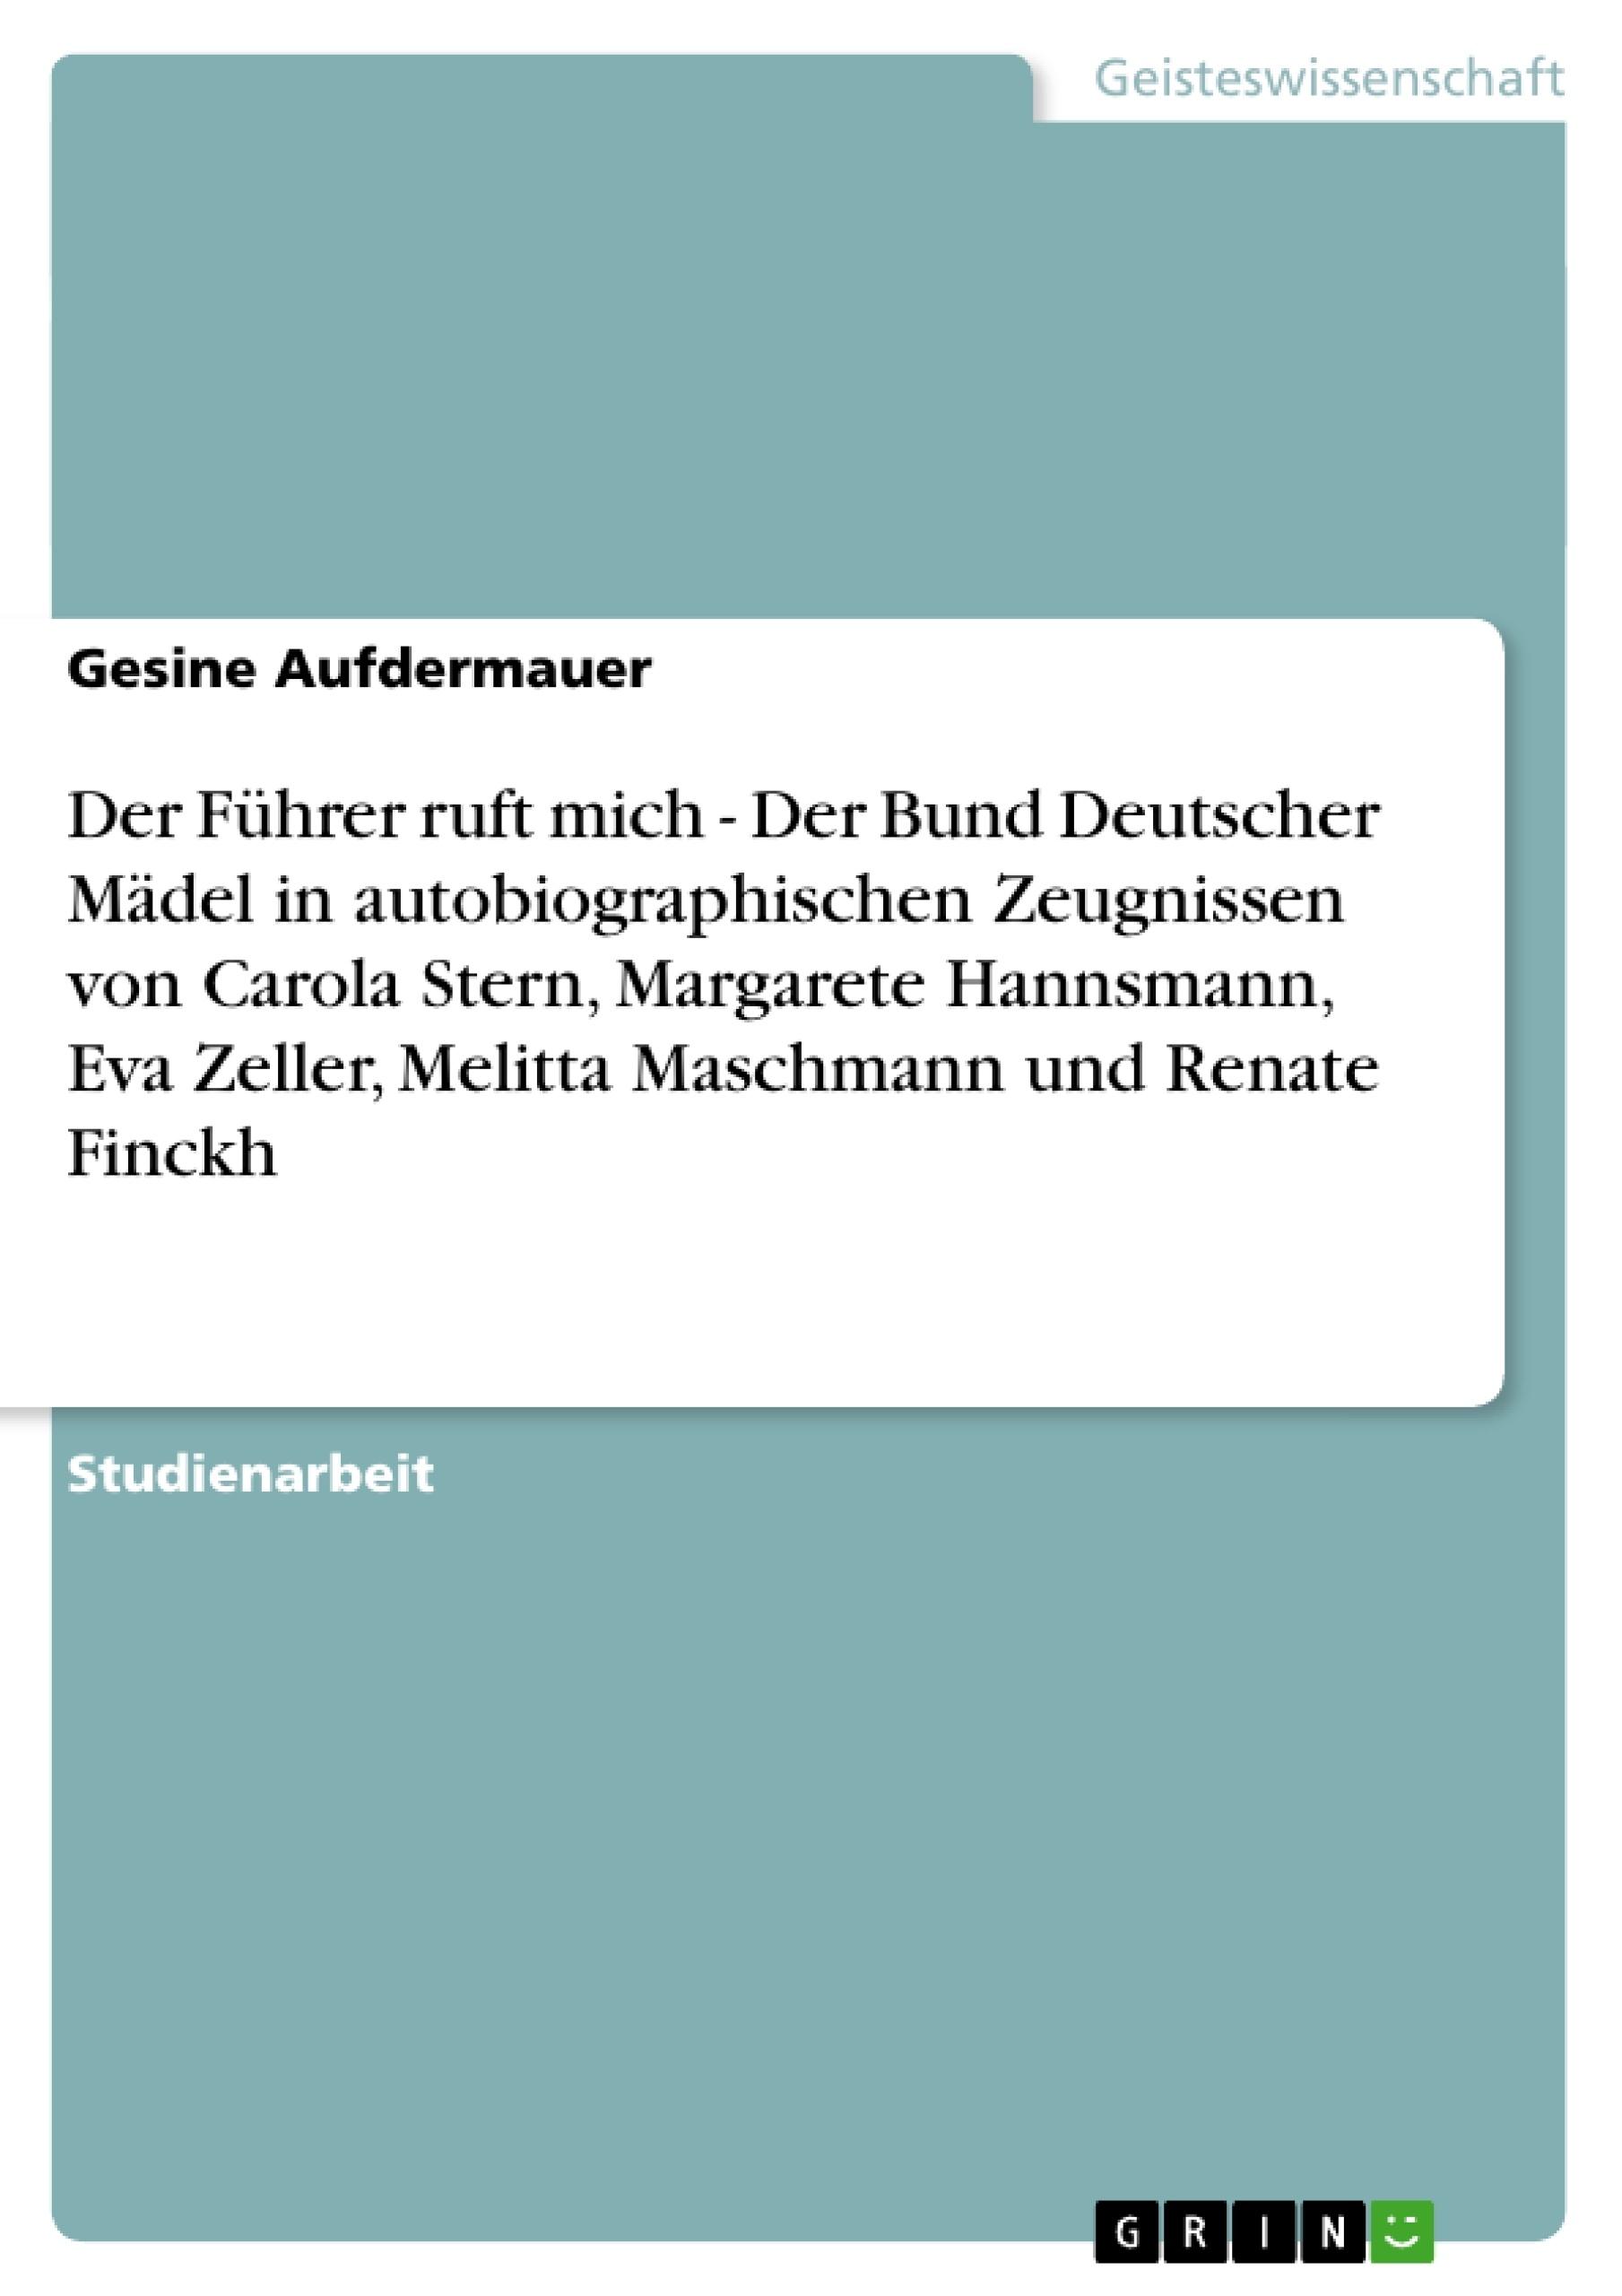 Titel: Der Führer ruft mich - Der Bund Deutscher Mädel in autobiographischen Zeugnissen von Carola Stern, Margarete Hannsmann, Eva Zeller, Melitta Maschmann und Renate Finckh